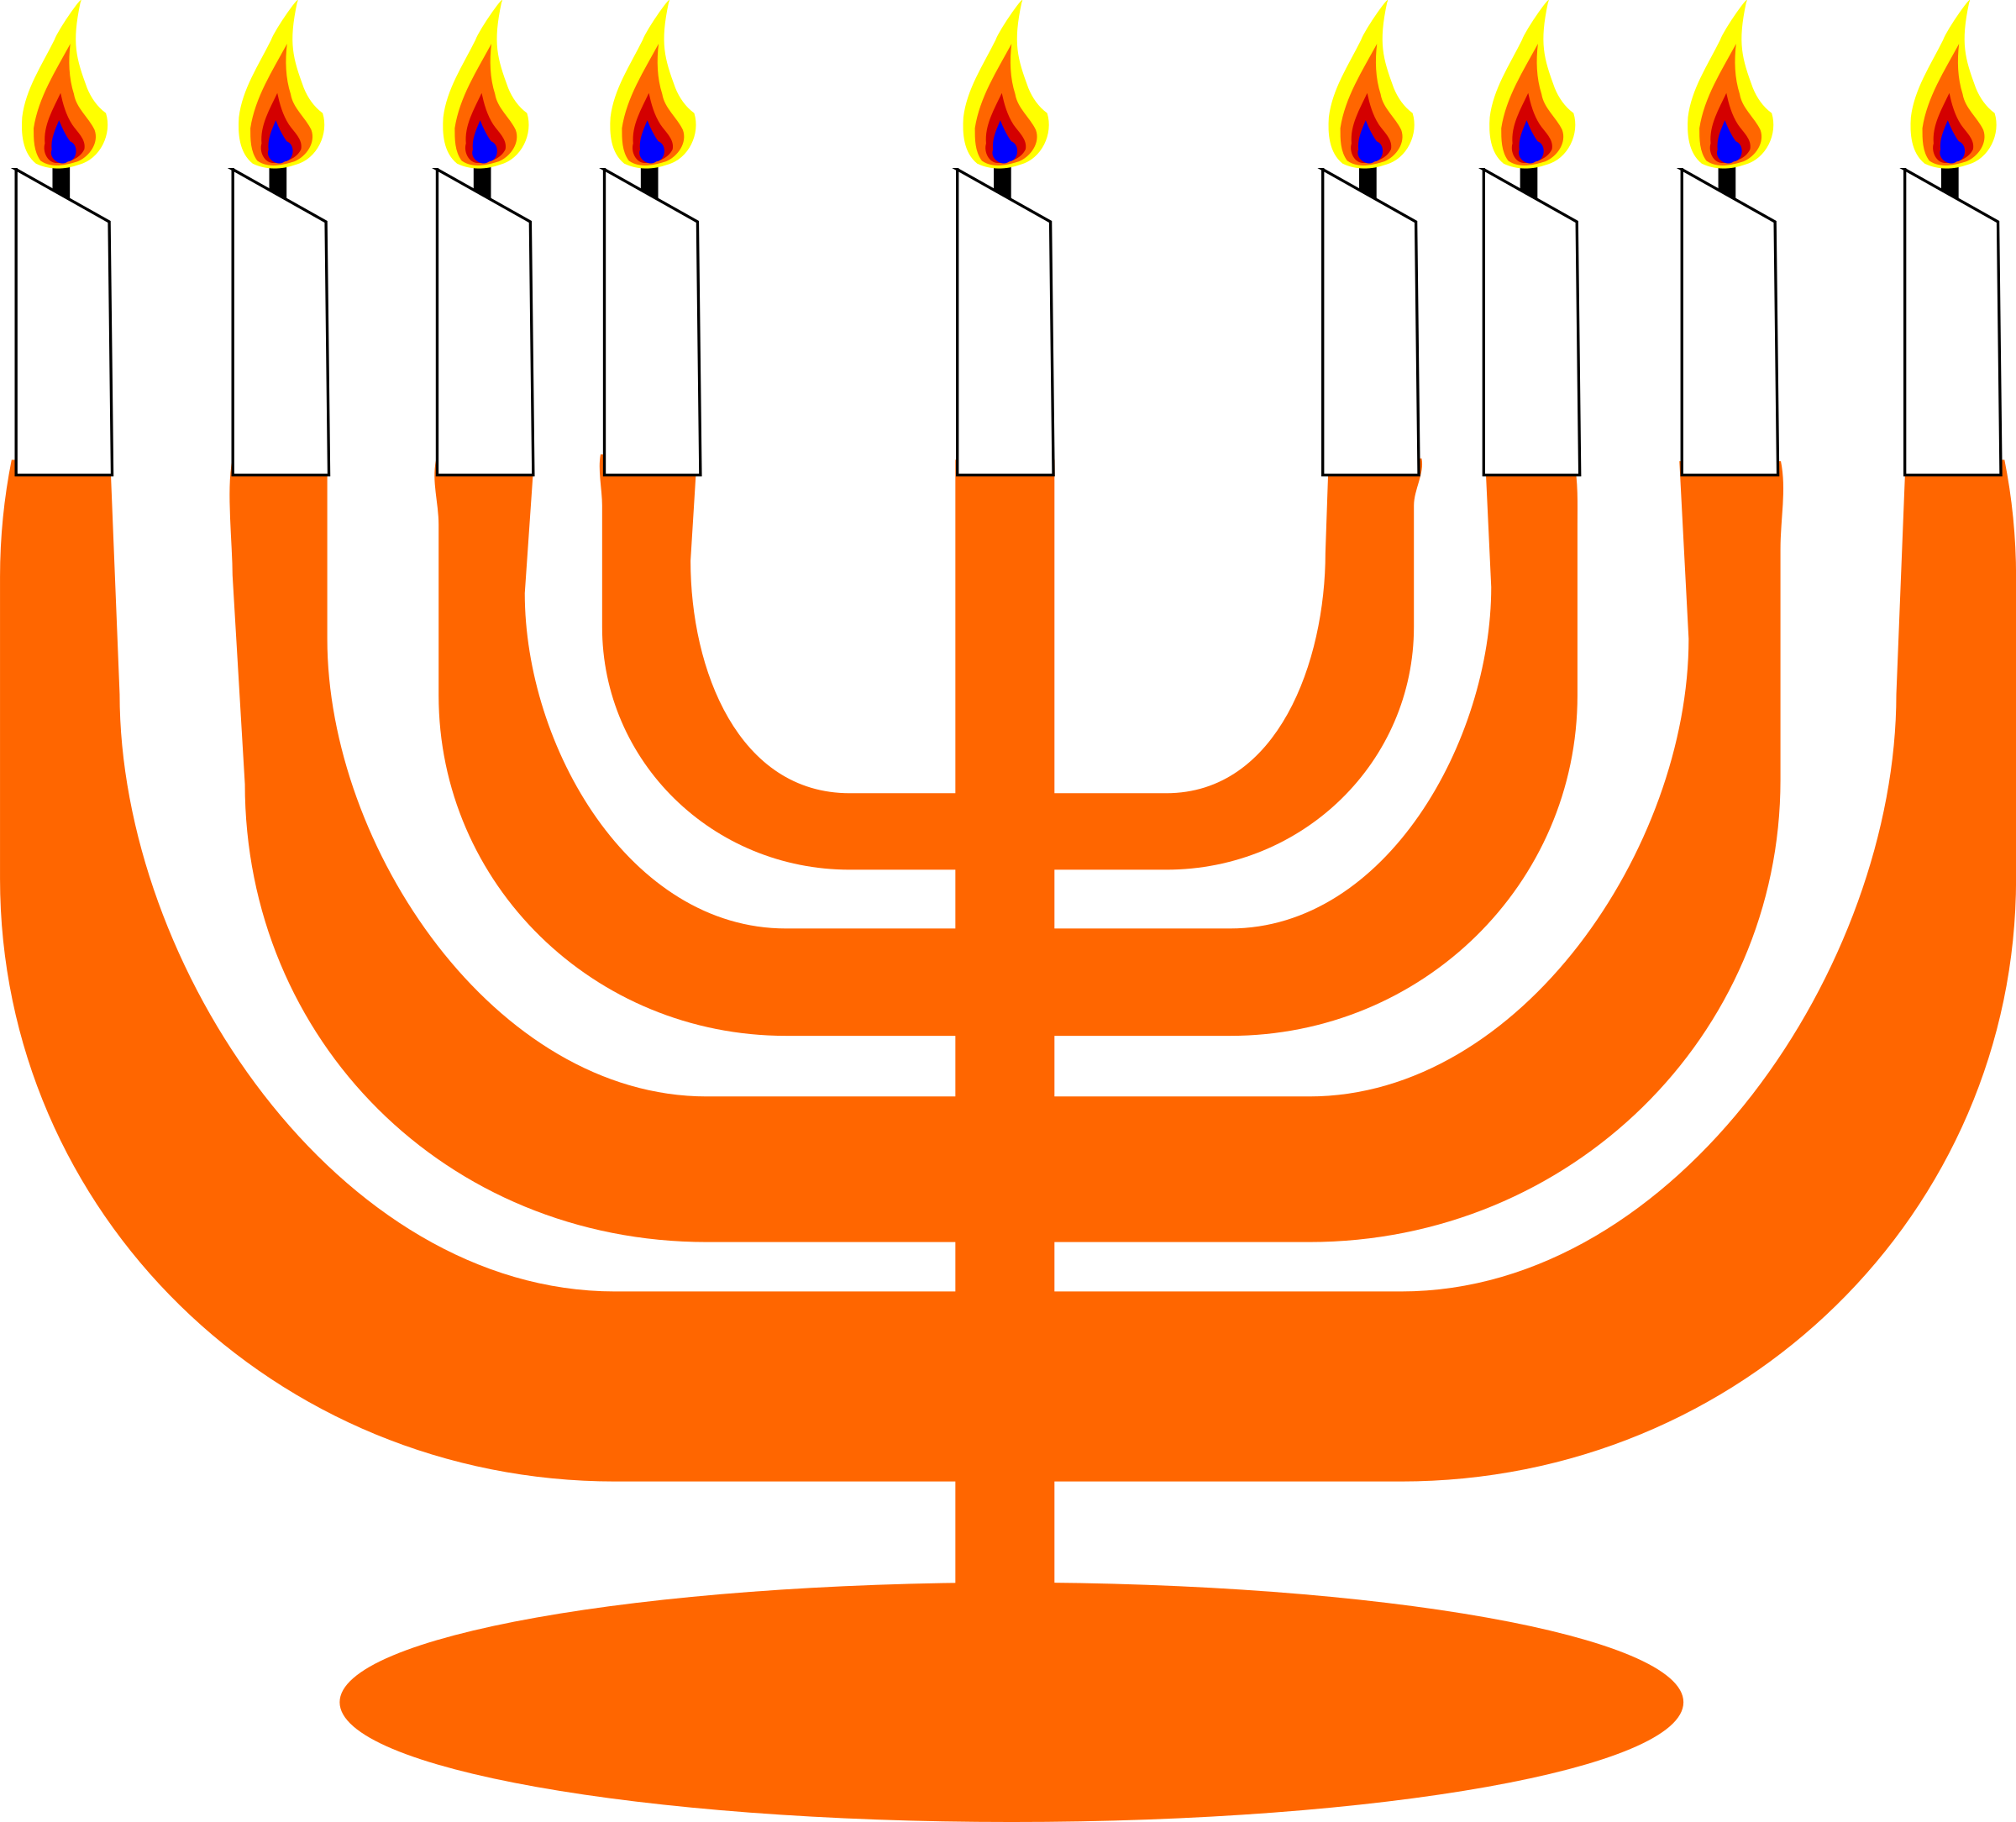 Simple for hanukkah big. Menorah clipart svg